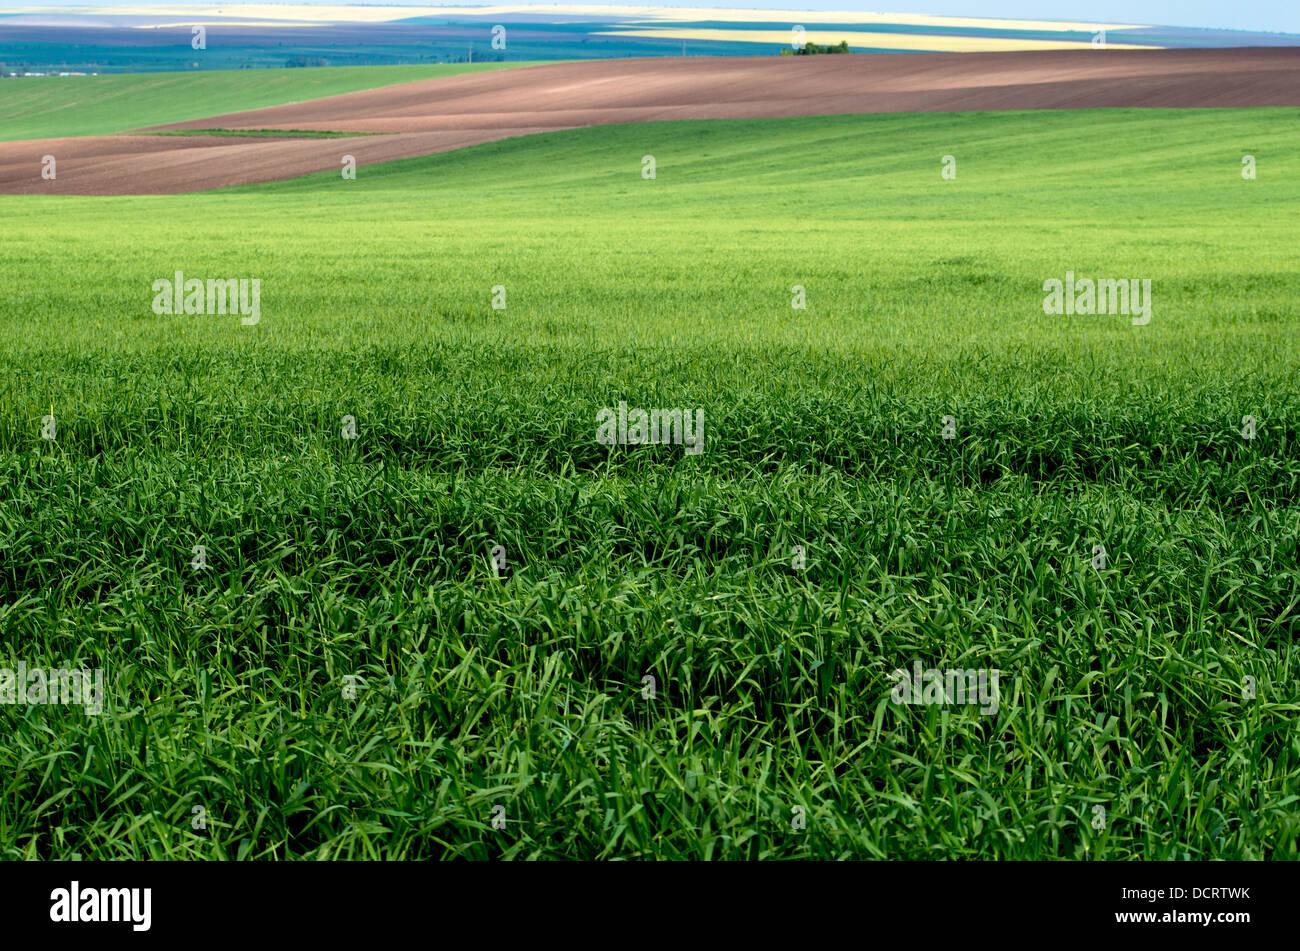 Frühling Landschaft. Grünes Weizenfeld. Stockbild